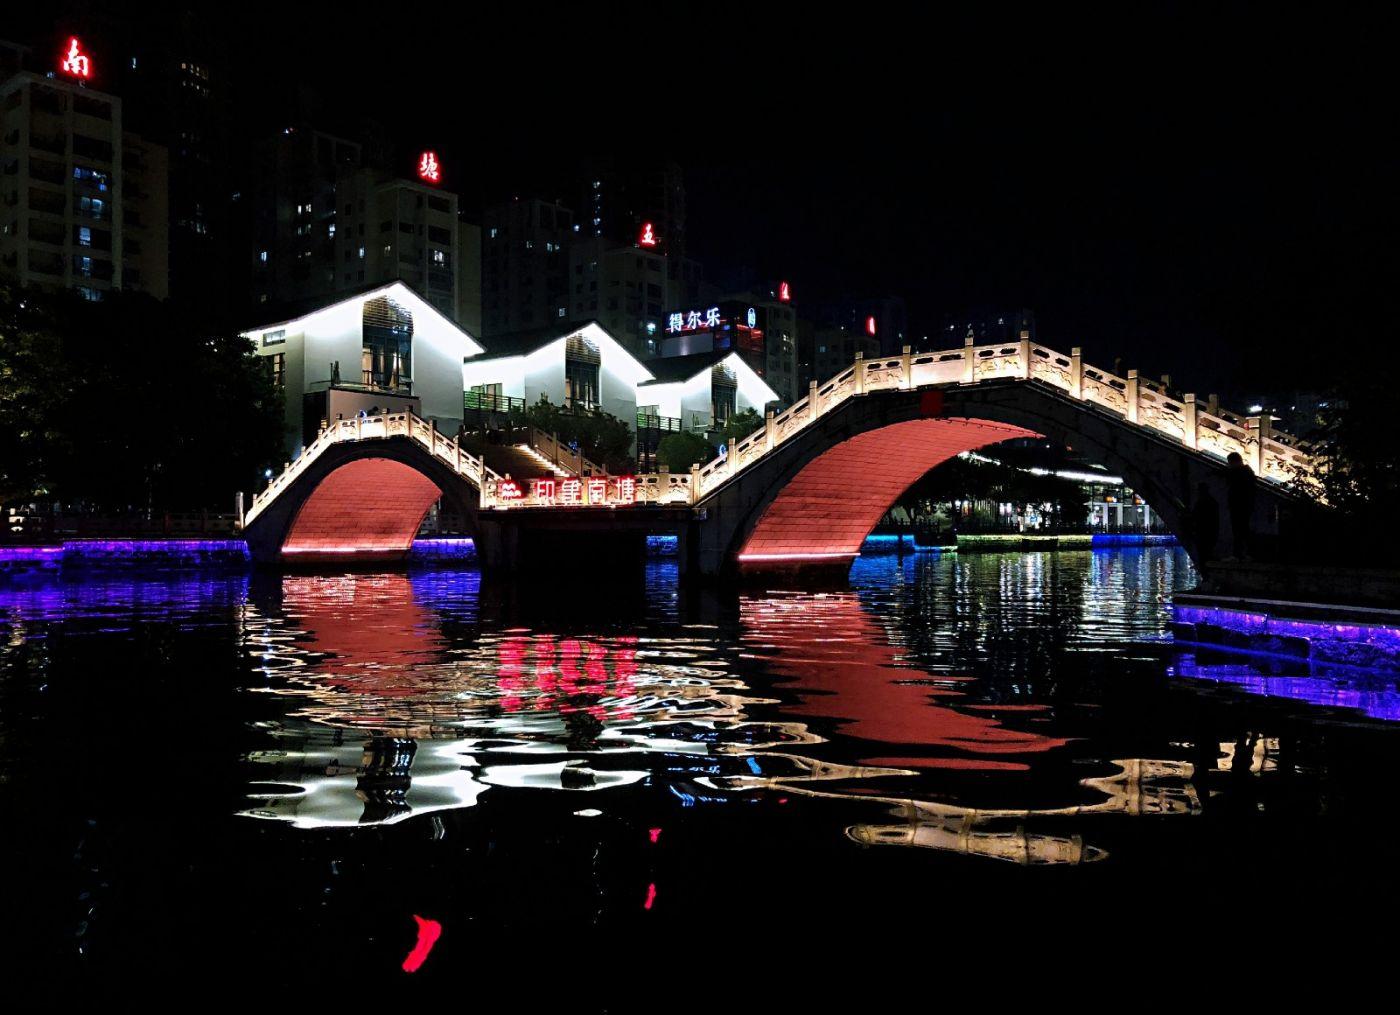 【田螺随拍】温州的印象南塘-手机版_图1-1